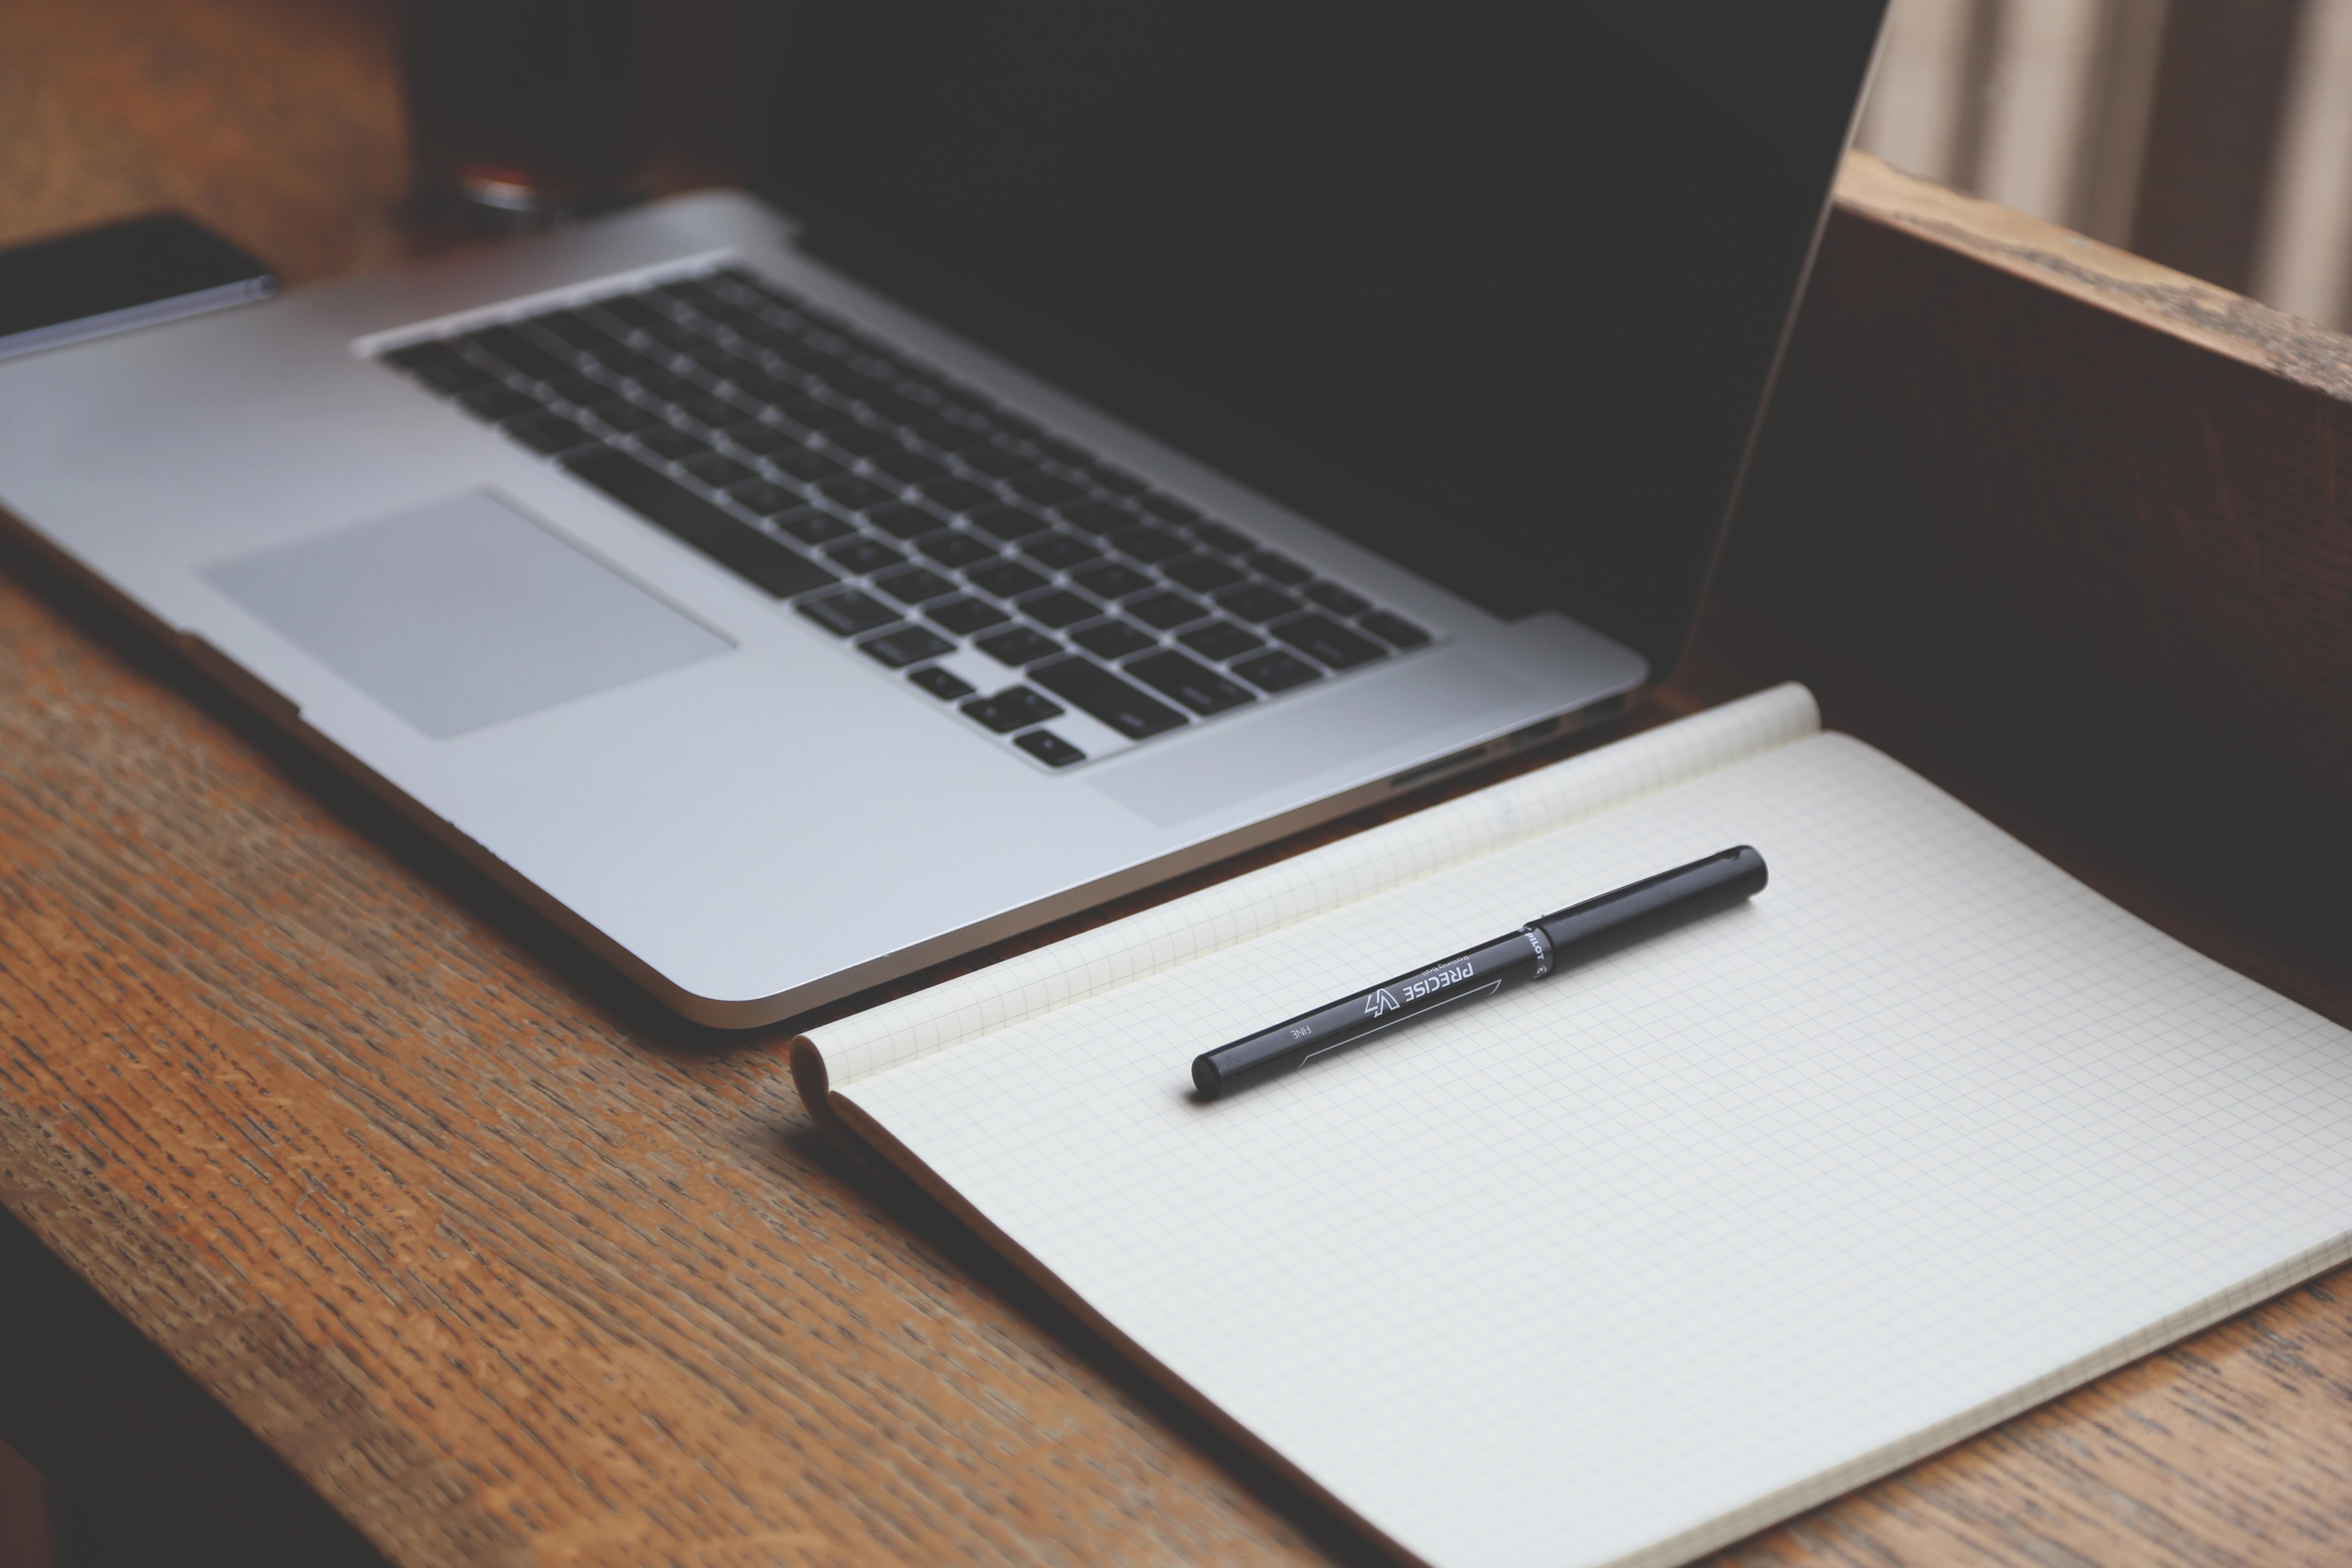 Kostenlose foto : Laptop, Schreiben, kreativ, Technologie, Büro ...